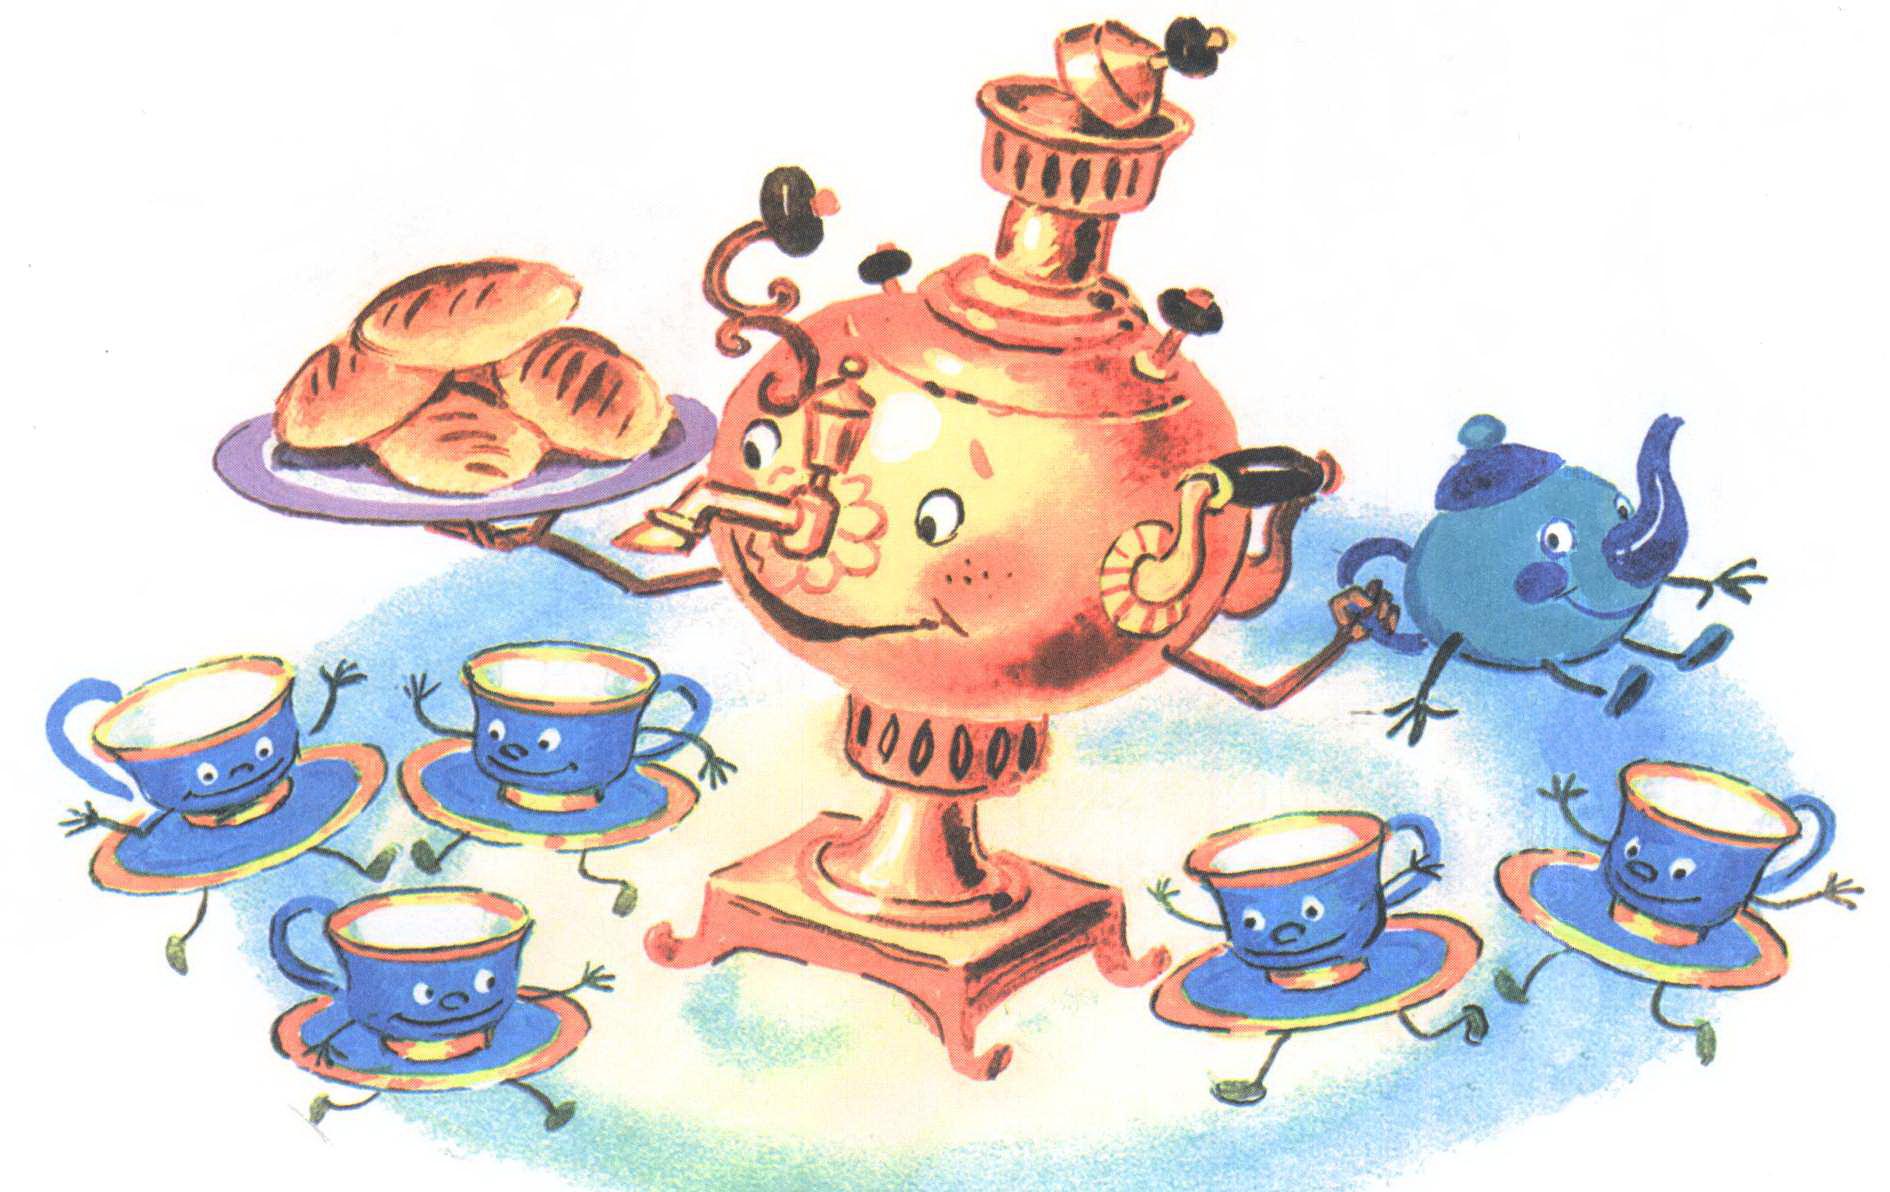 марок производится анимация картинки самовар и чашки жизни тобой готова